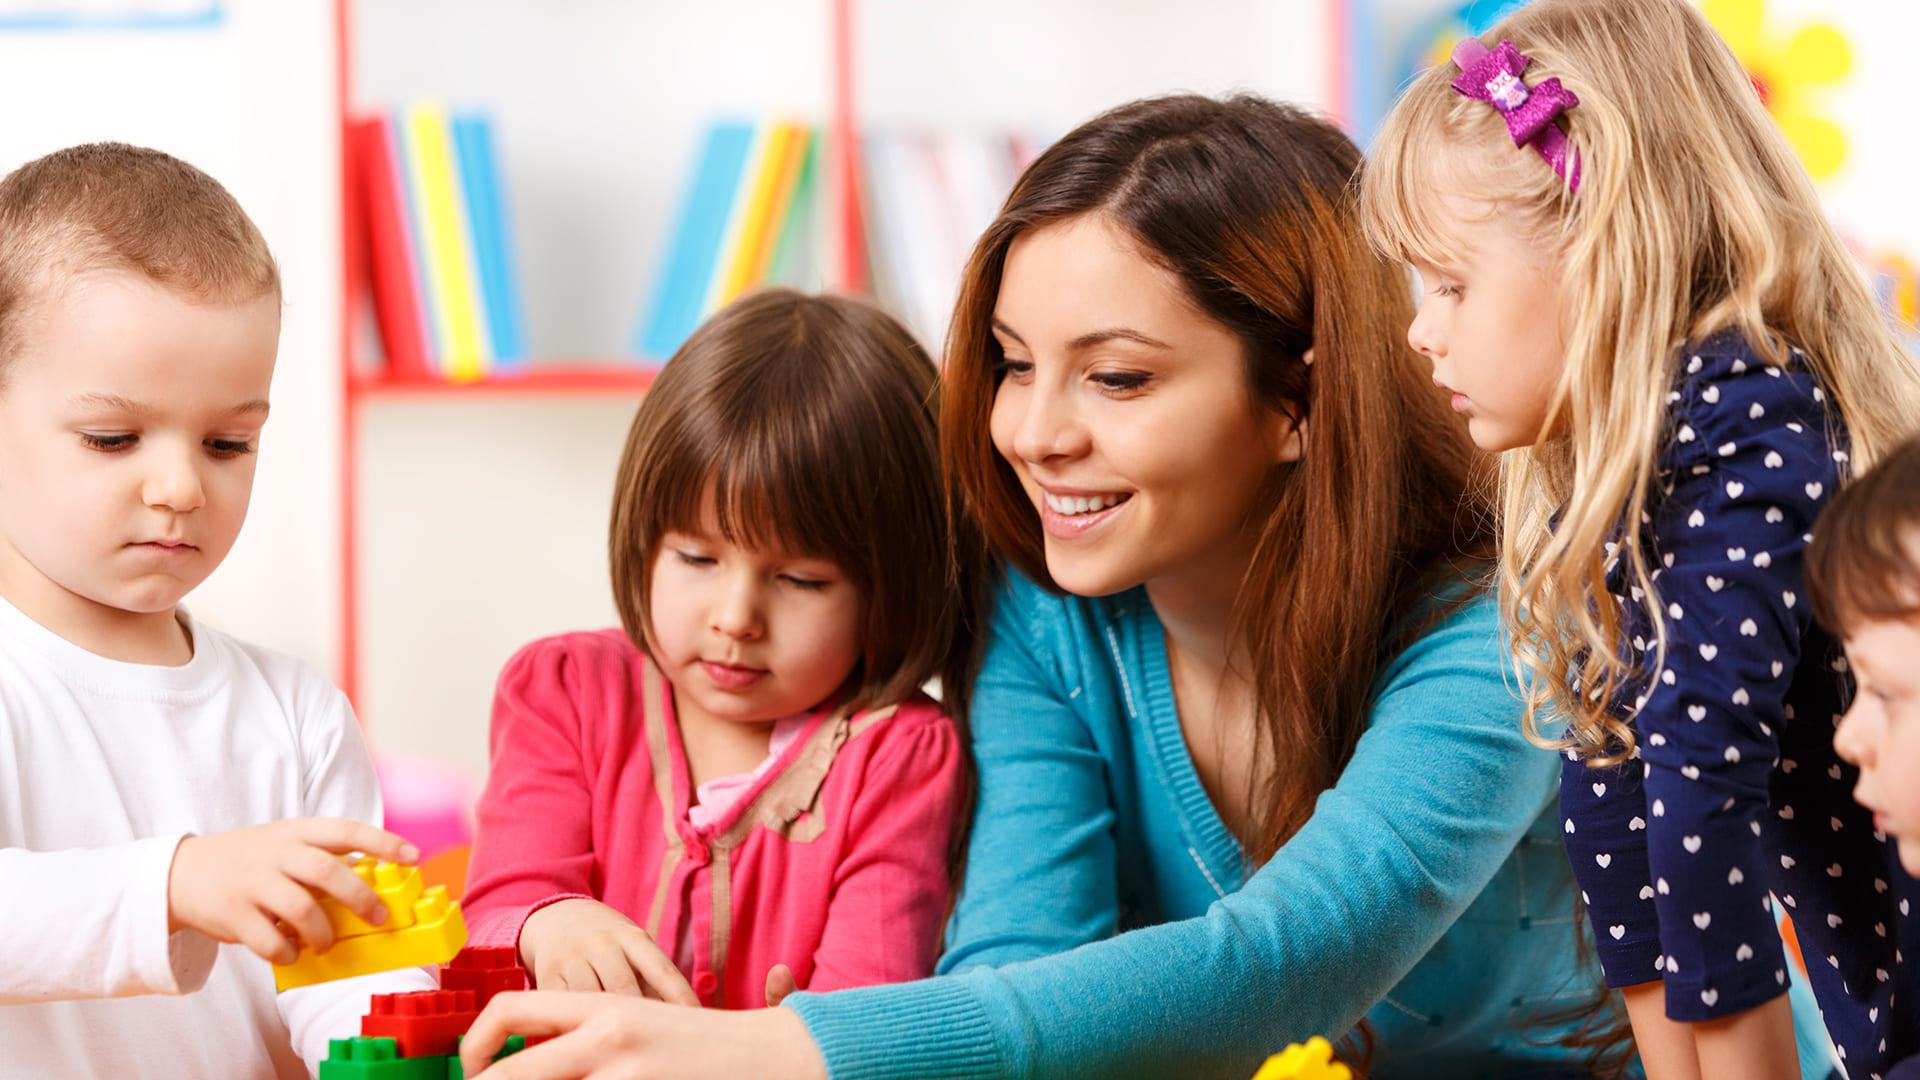 Дошкольное образование - это первый этап образования в жизни человека. Именно в дошкольном образовании закладываются первоначальные навыки и умения, которые потом останутся с человеком на всю жизнь.